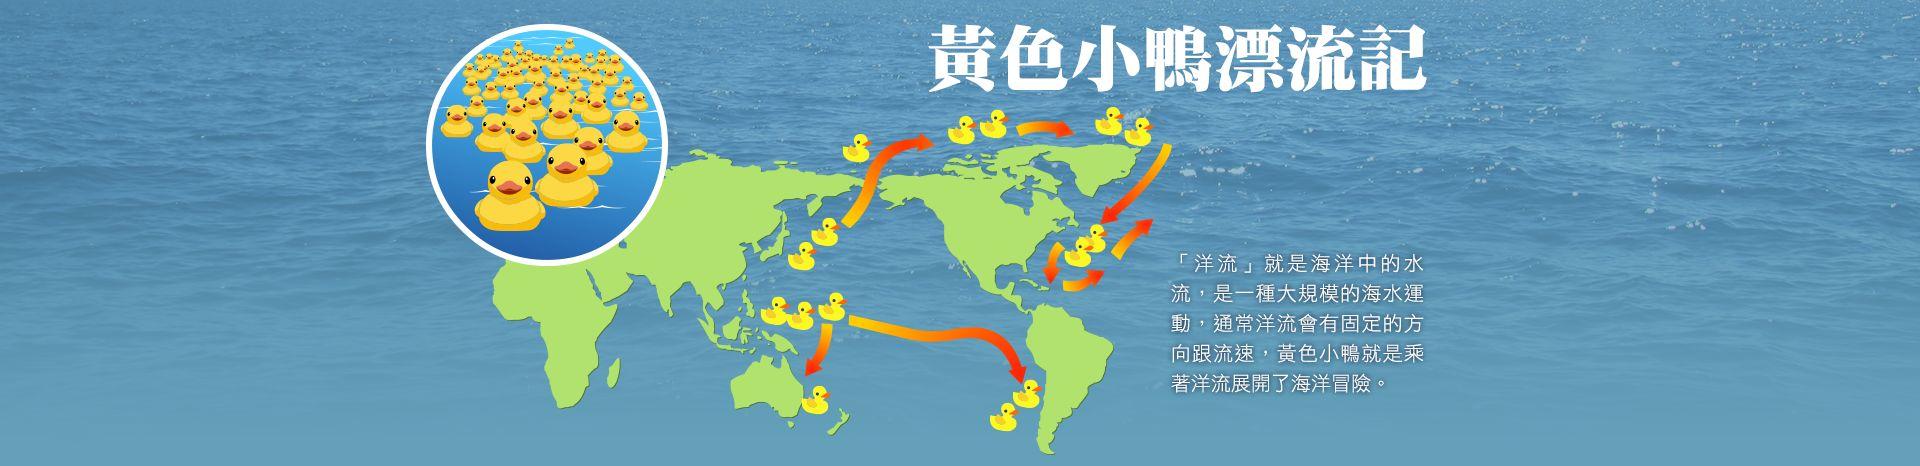 黃色小鴨漂流記。┌洋流┘就是海洋中的水流,是一種大規模的海水運動,通常洋流會有固定的方向跟流速,黃色小鴨就是乘著洋流展開了海洋冒險。